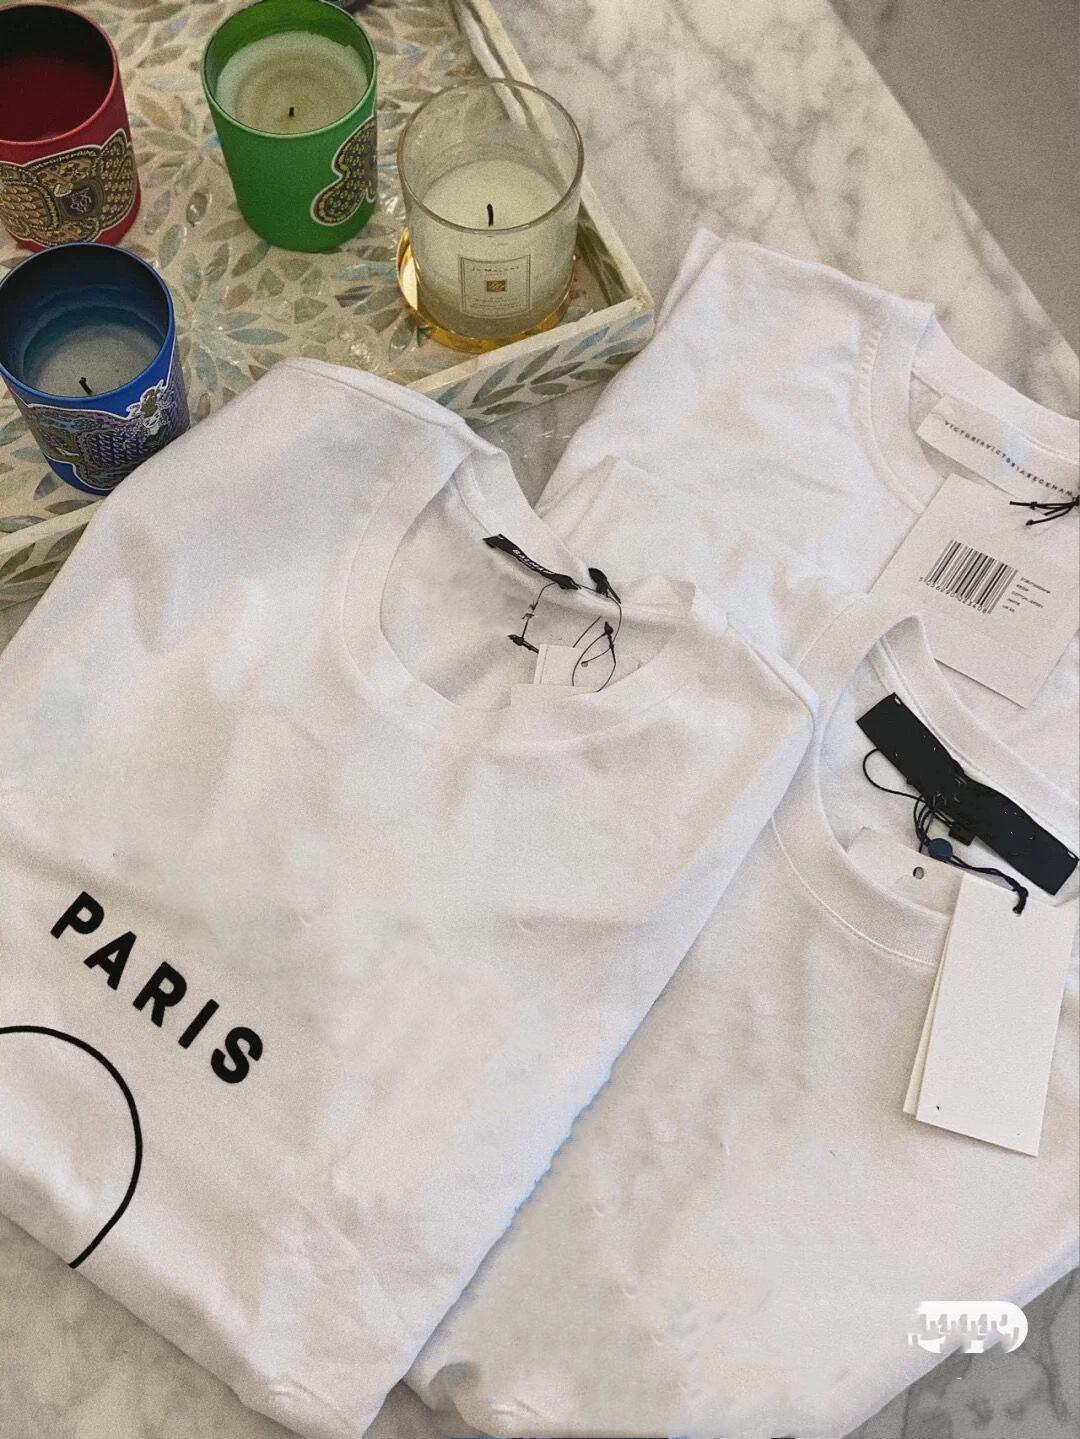 Ünlü balenciler erkek t-shirt yüksek kaliteli erkek ve kadın junlv566 gündelik severler kısa kollu erkek t-shirt üreticisi direc nikt